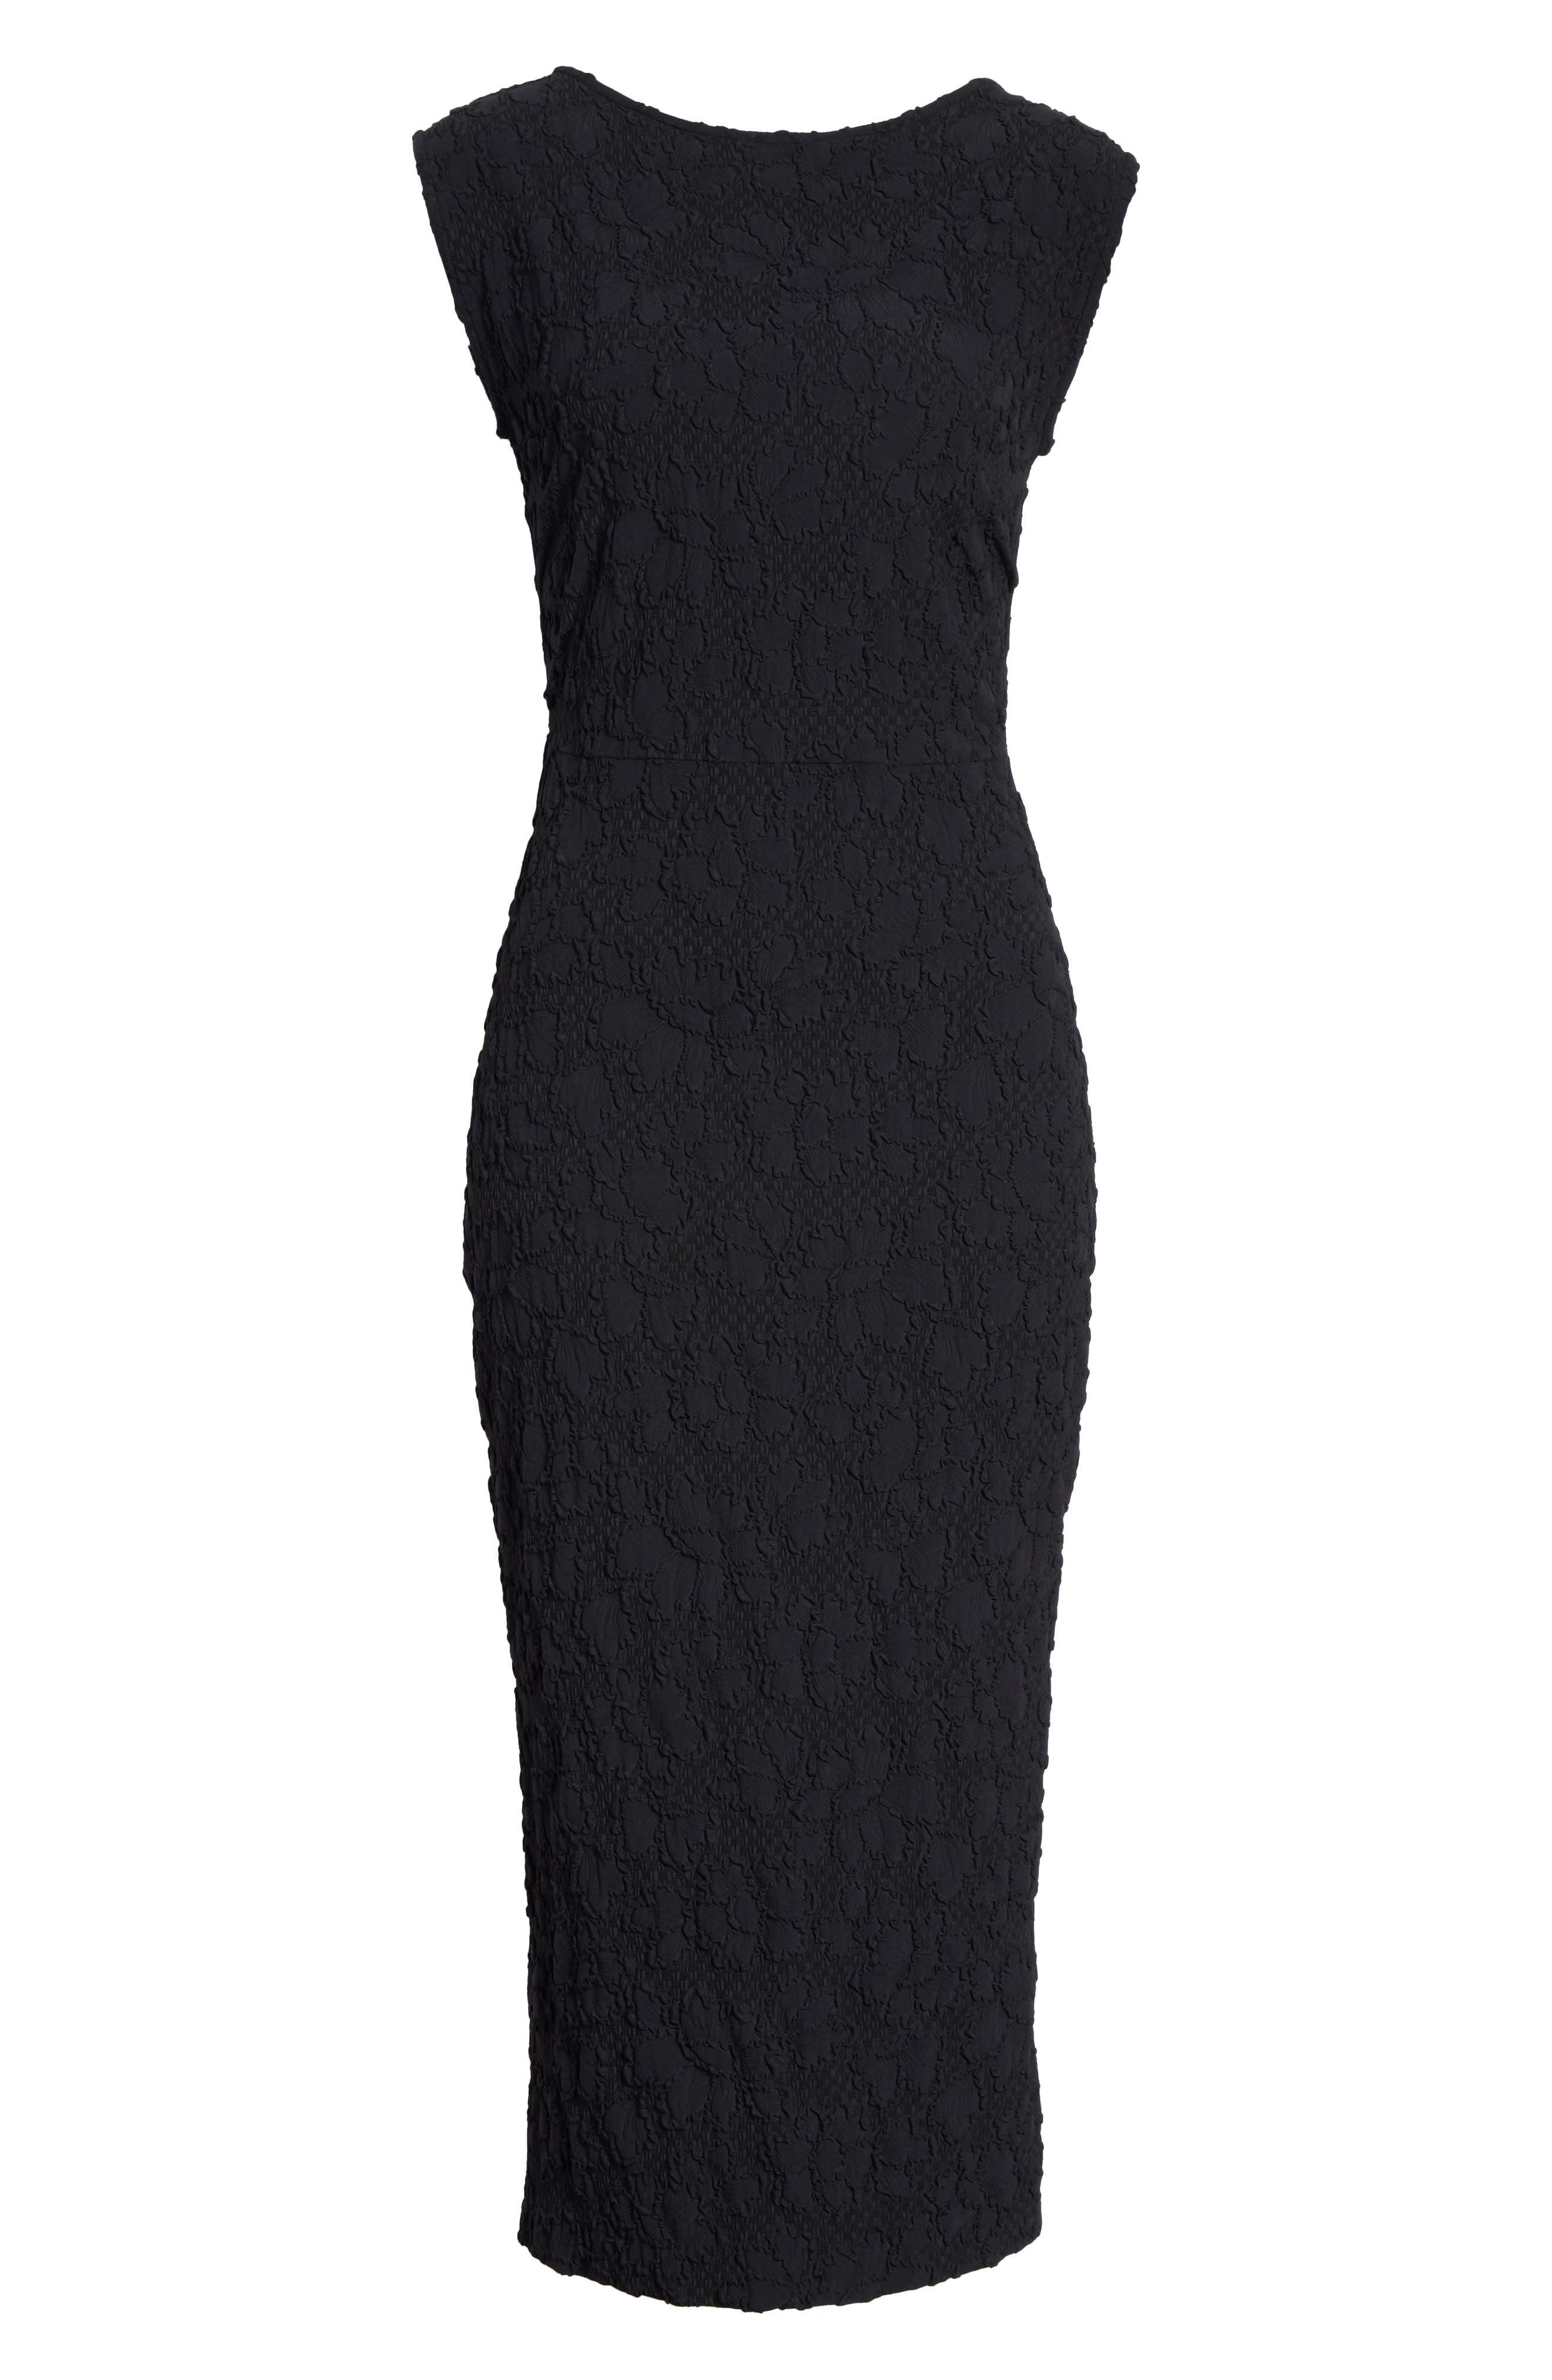 Medina Floral Jacquard Sheath Dress,                             Alternate thumbnail 6, color,                             Black